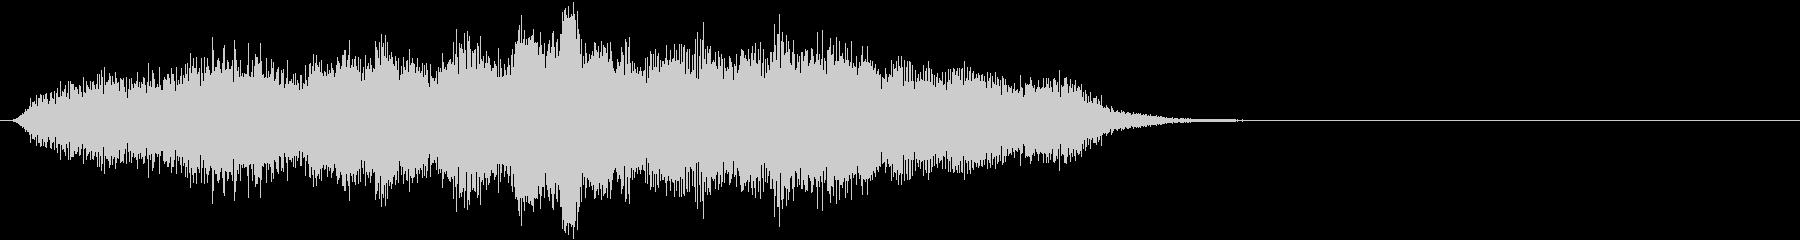 音楽ロゴ;シンセサイザー、オープン...の未再生の波形